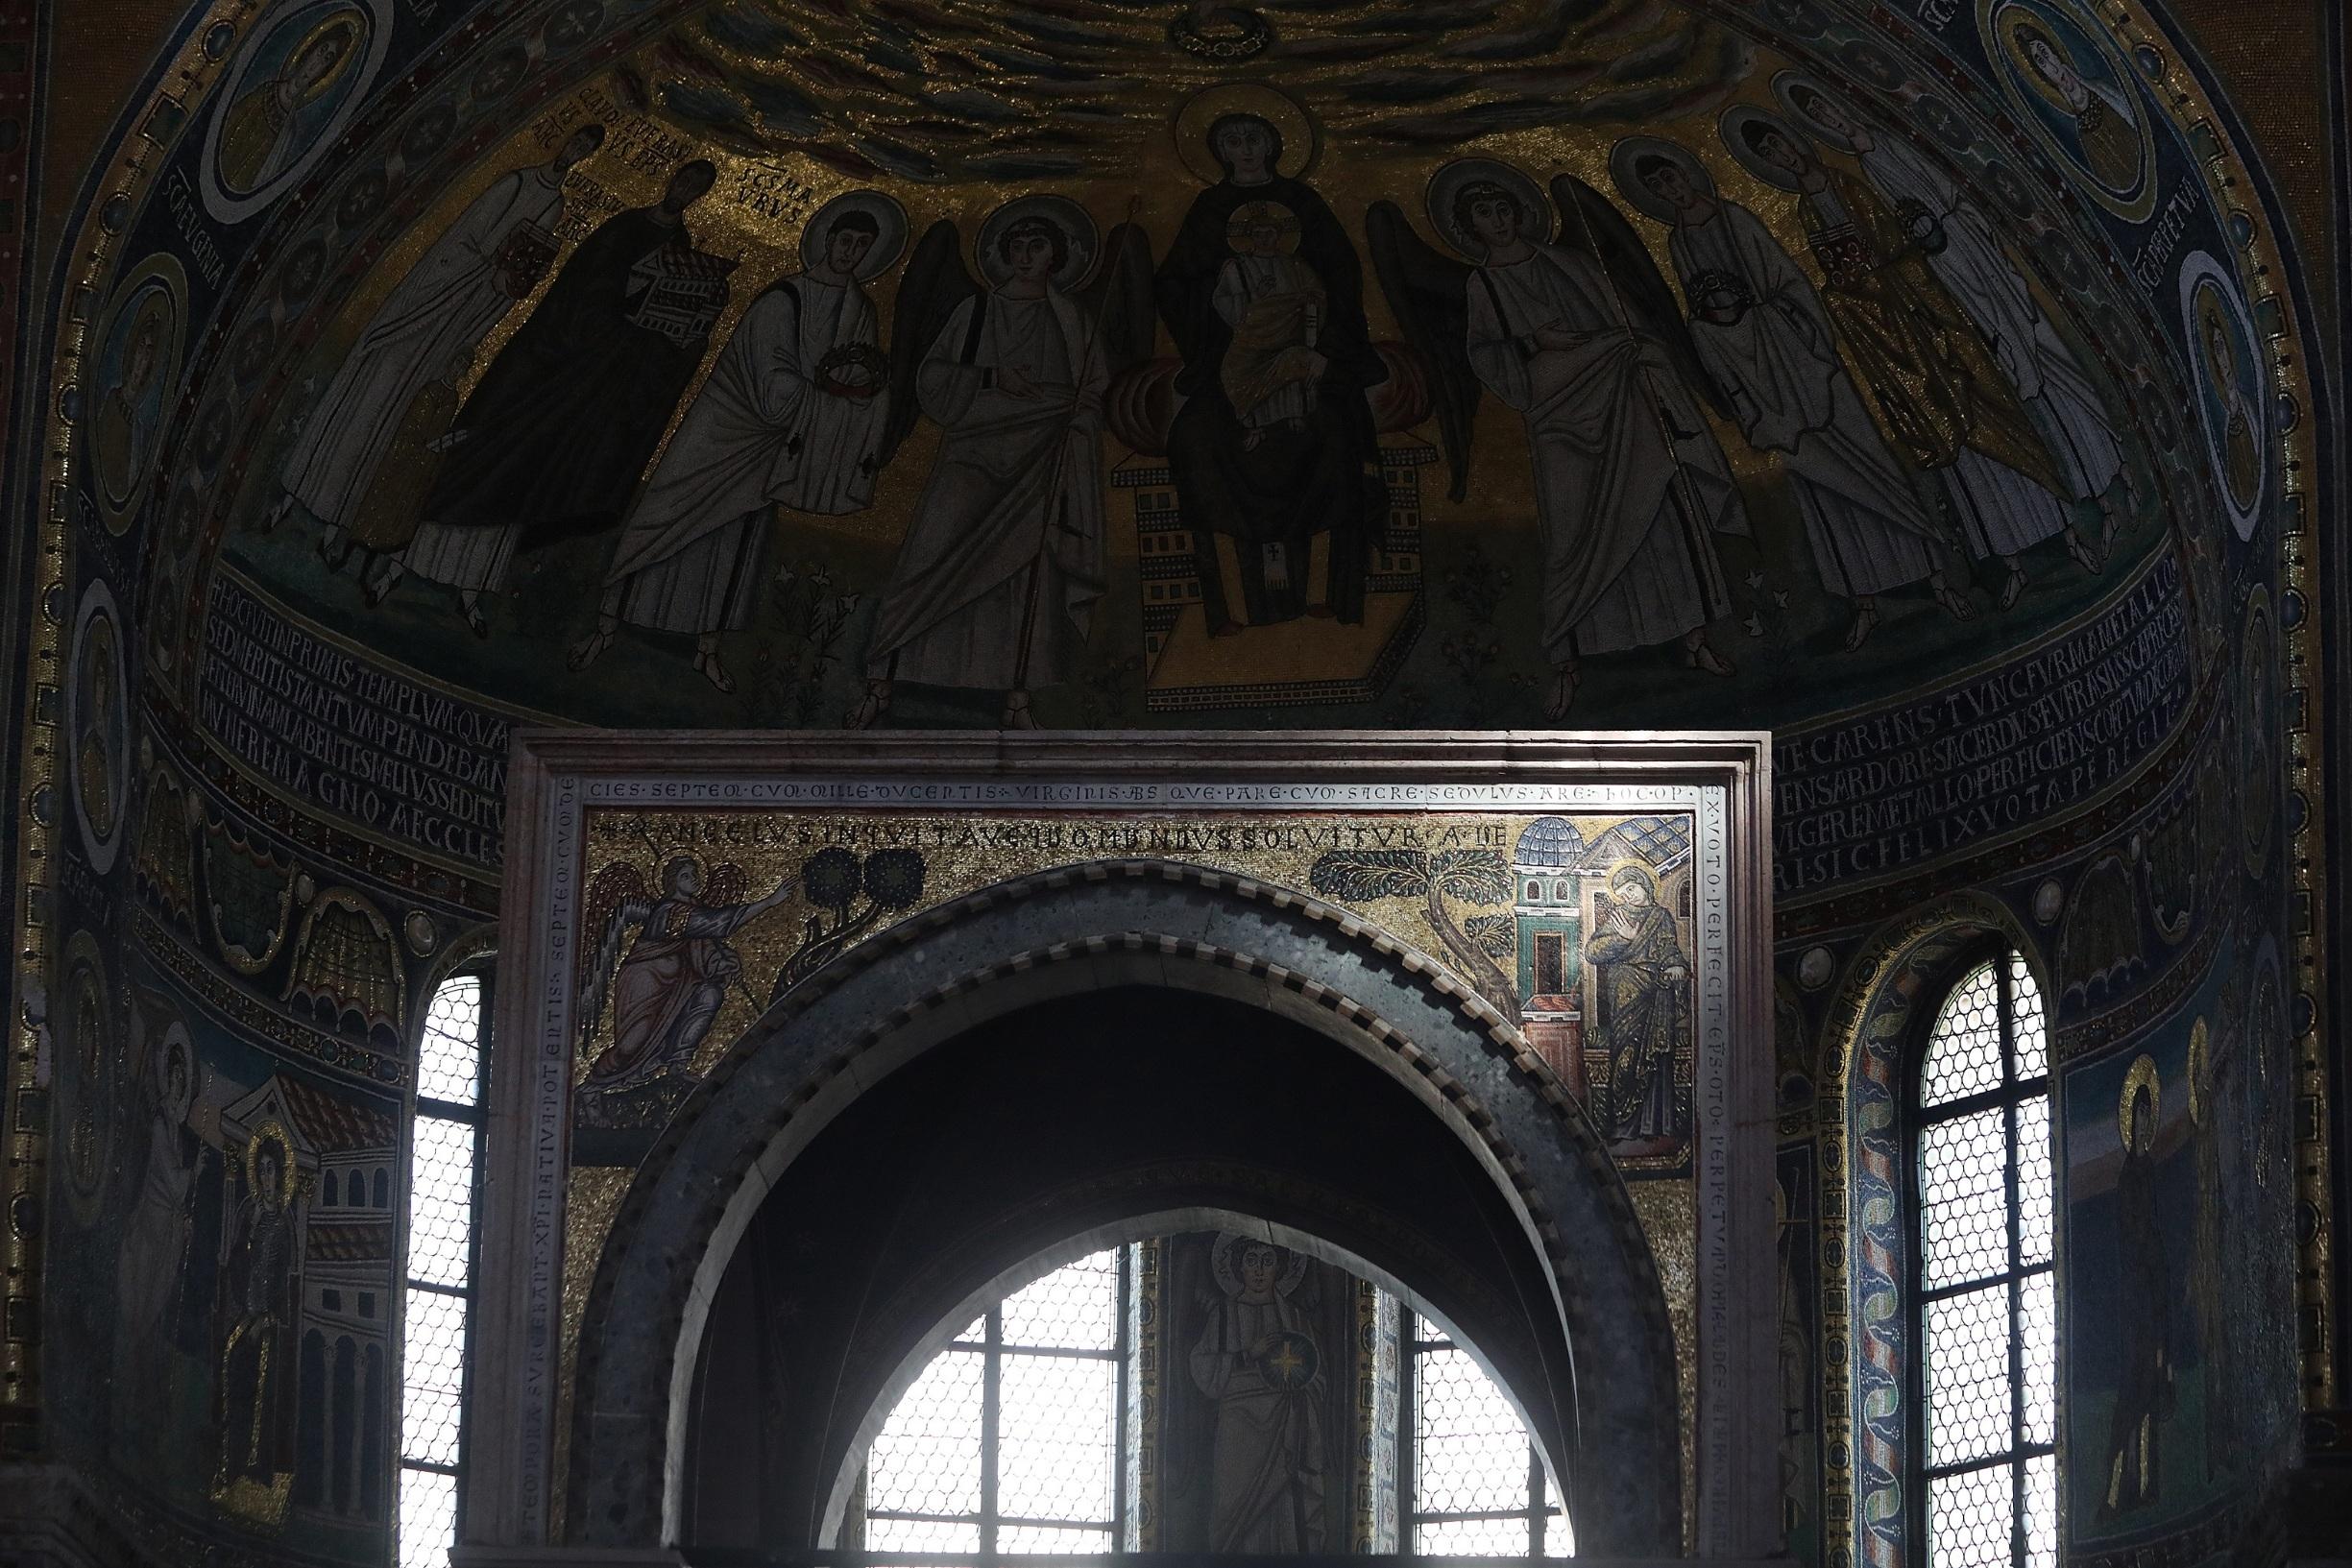 Porec, 150819. Eufrazijeva bazilika Slovenski arhitekt Janko Rozic koji proucava polozaj sunca koji obasjava relikvije na Eufrazijevoj bazilici. Na fotografiji: Sunce obasjava fresku gospe. Foto: Ranko Suvar / CROPIX